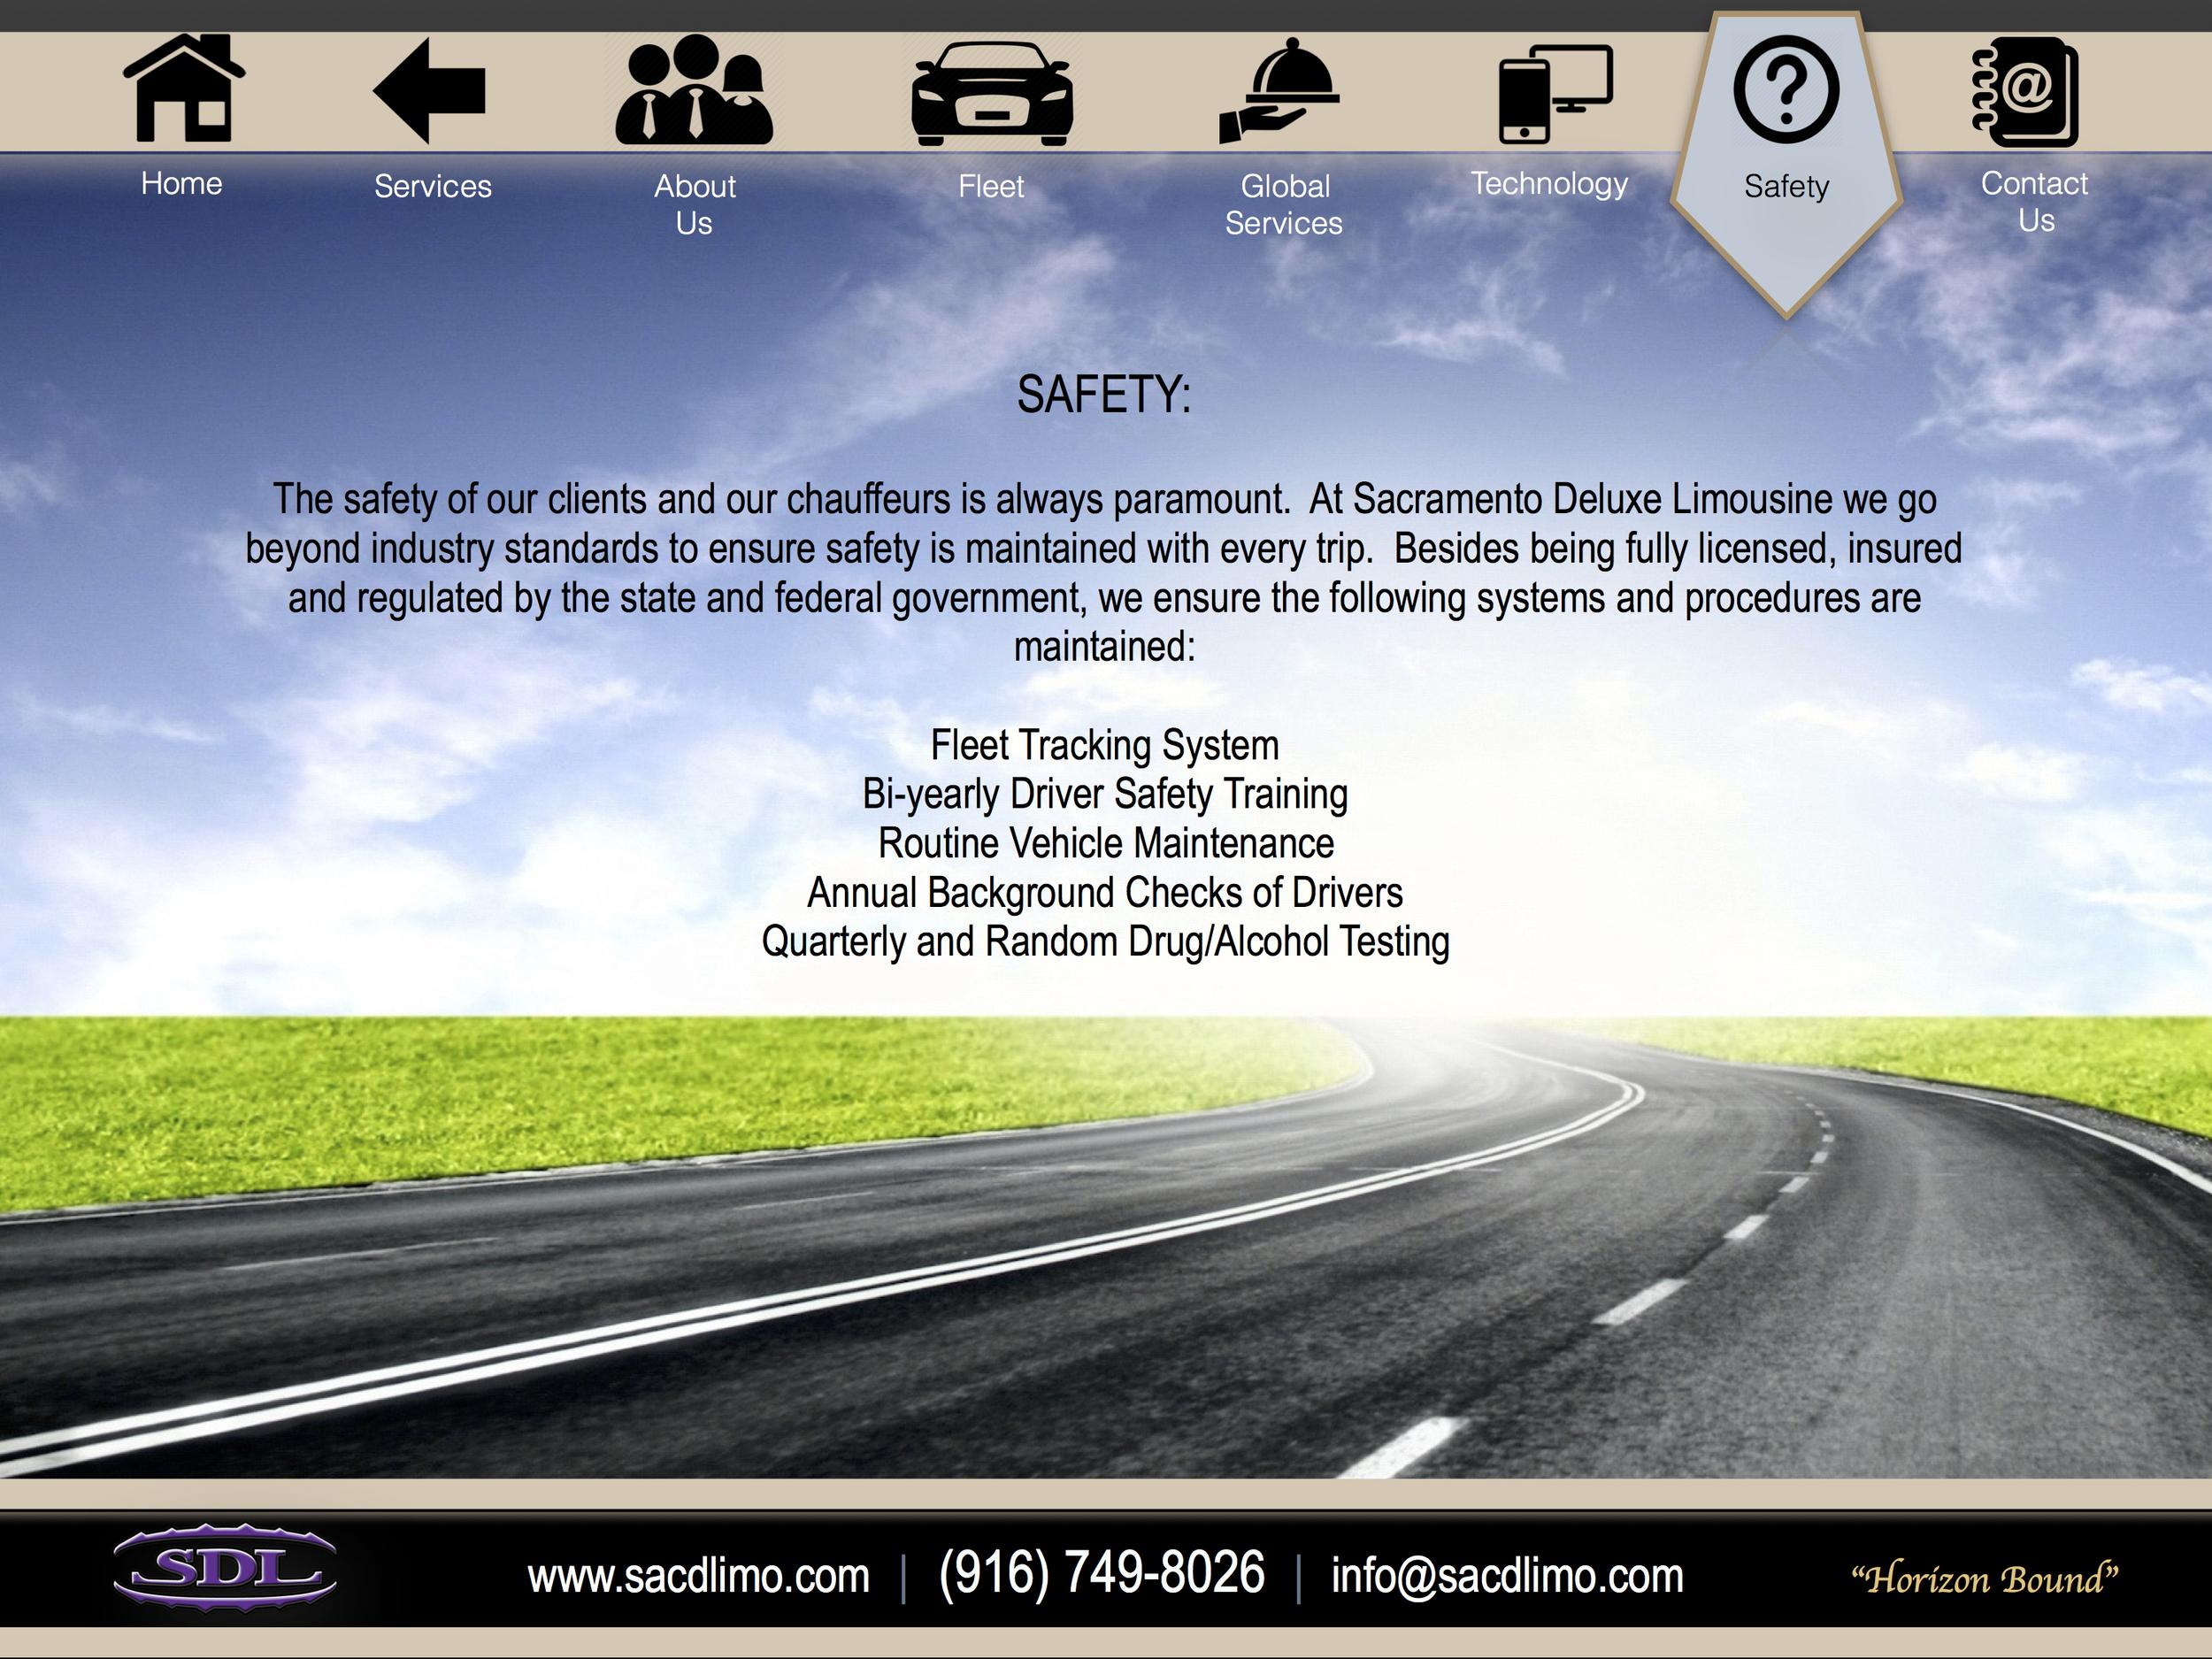 Sacramento Deluxe Limousine Safety.jpg